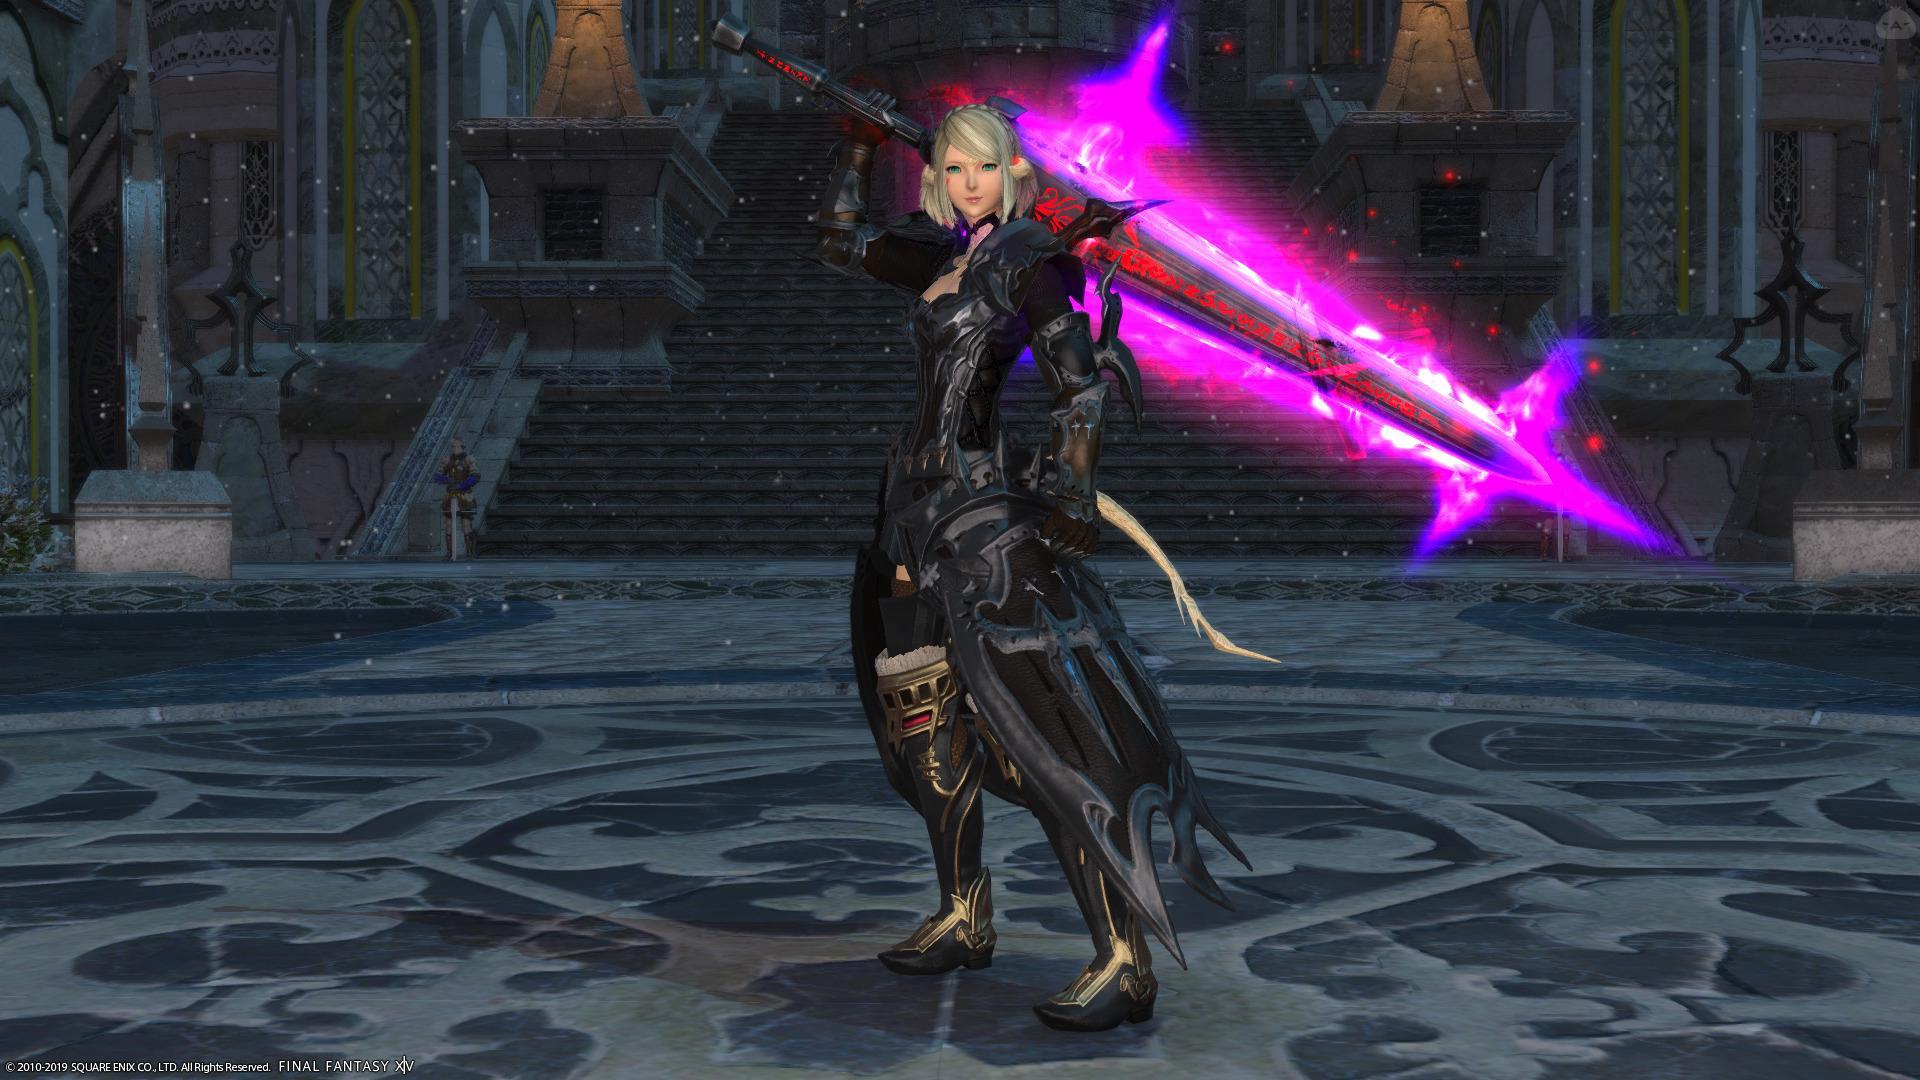 The 暗黒騎士